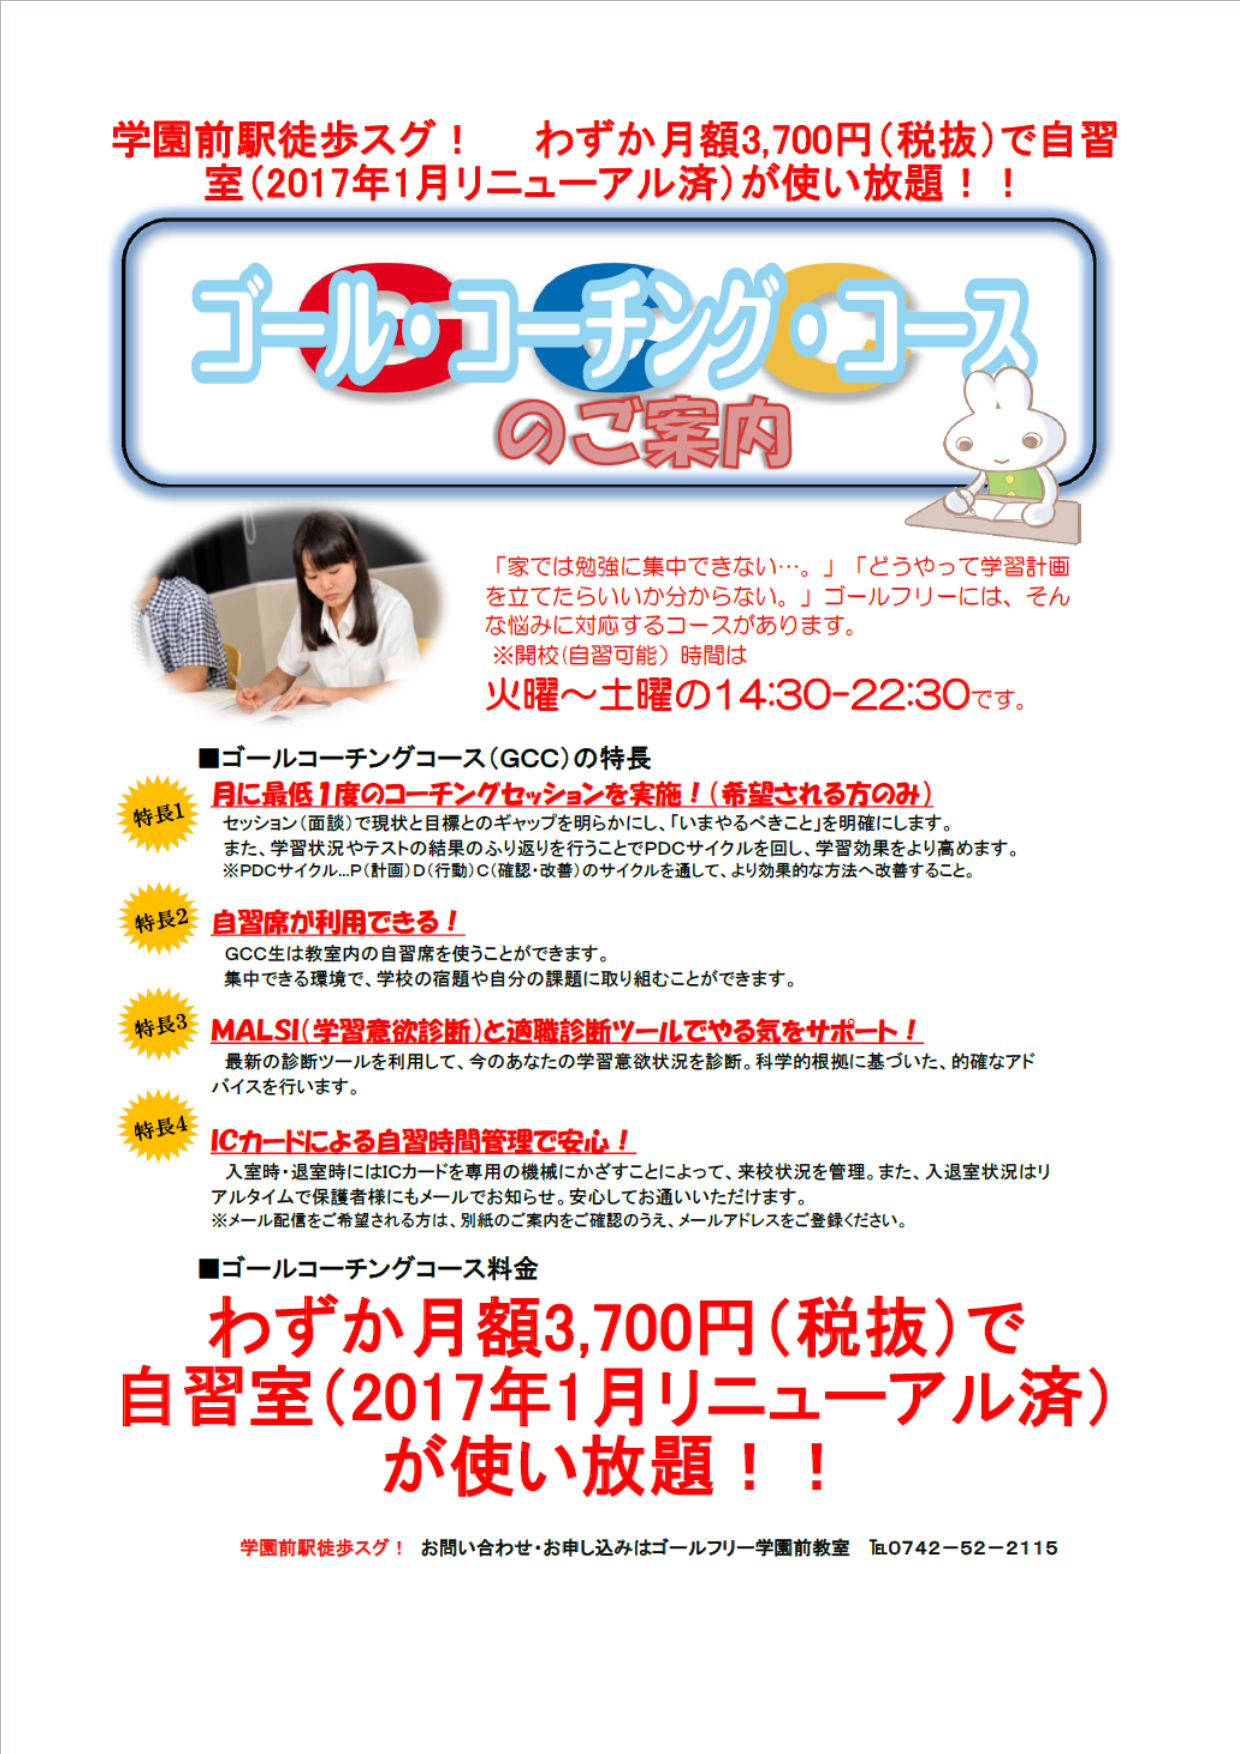 わずか3700円で自習室が使い放題.png